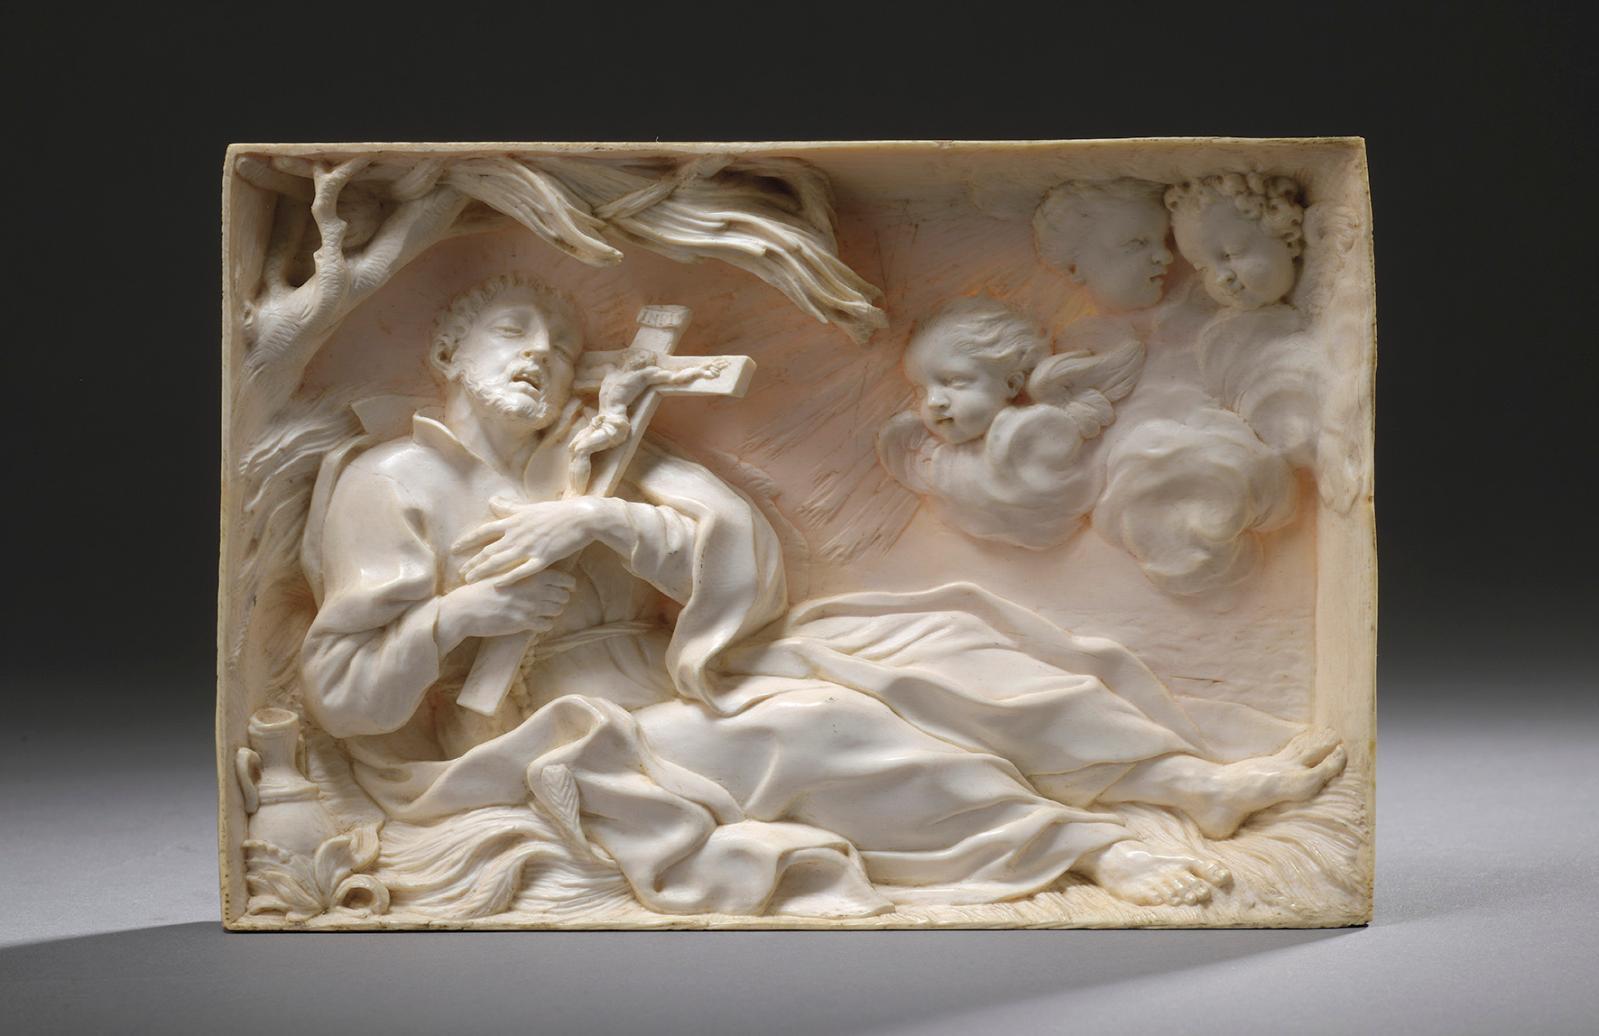 Cette plaque est comme un tableau sculpté dans l'épaisseur d'une tranche d'ivoire (12,4x18,1x1,9cm), et son sujet d'une grande expres